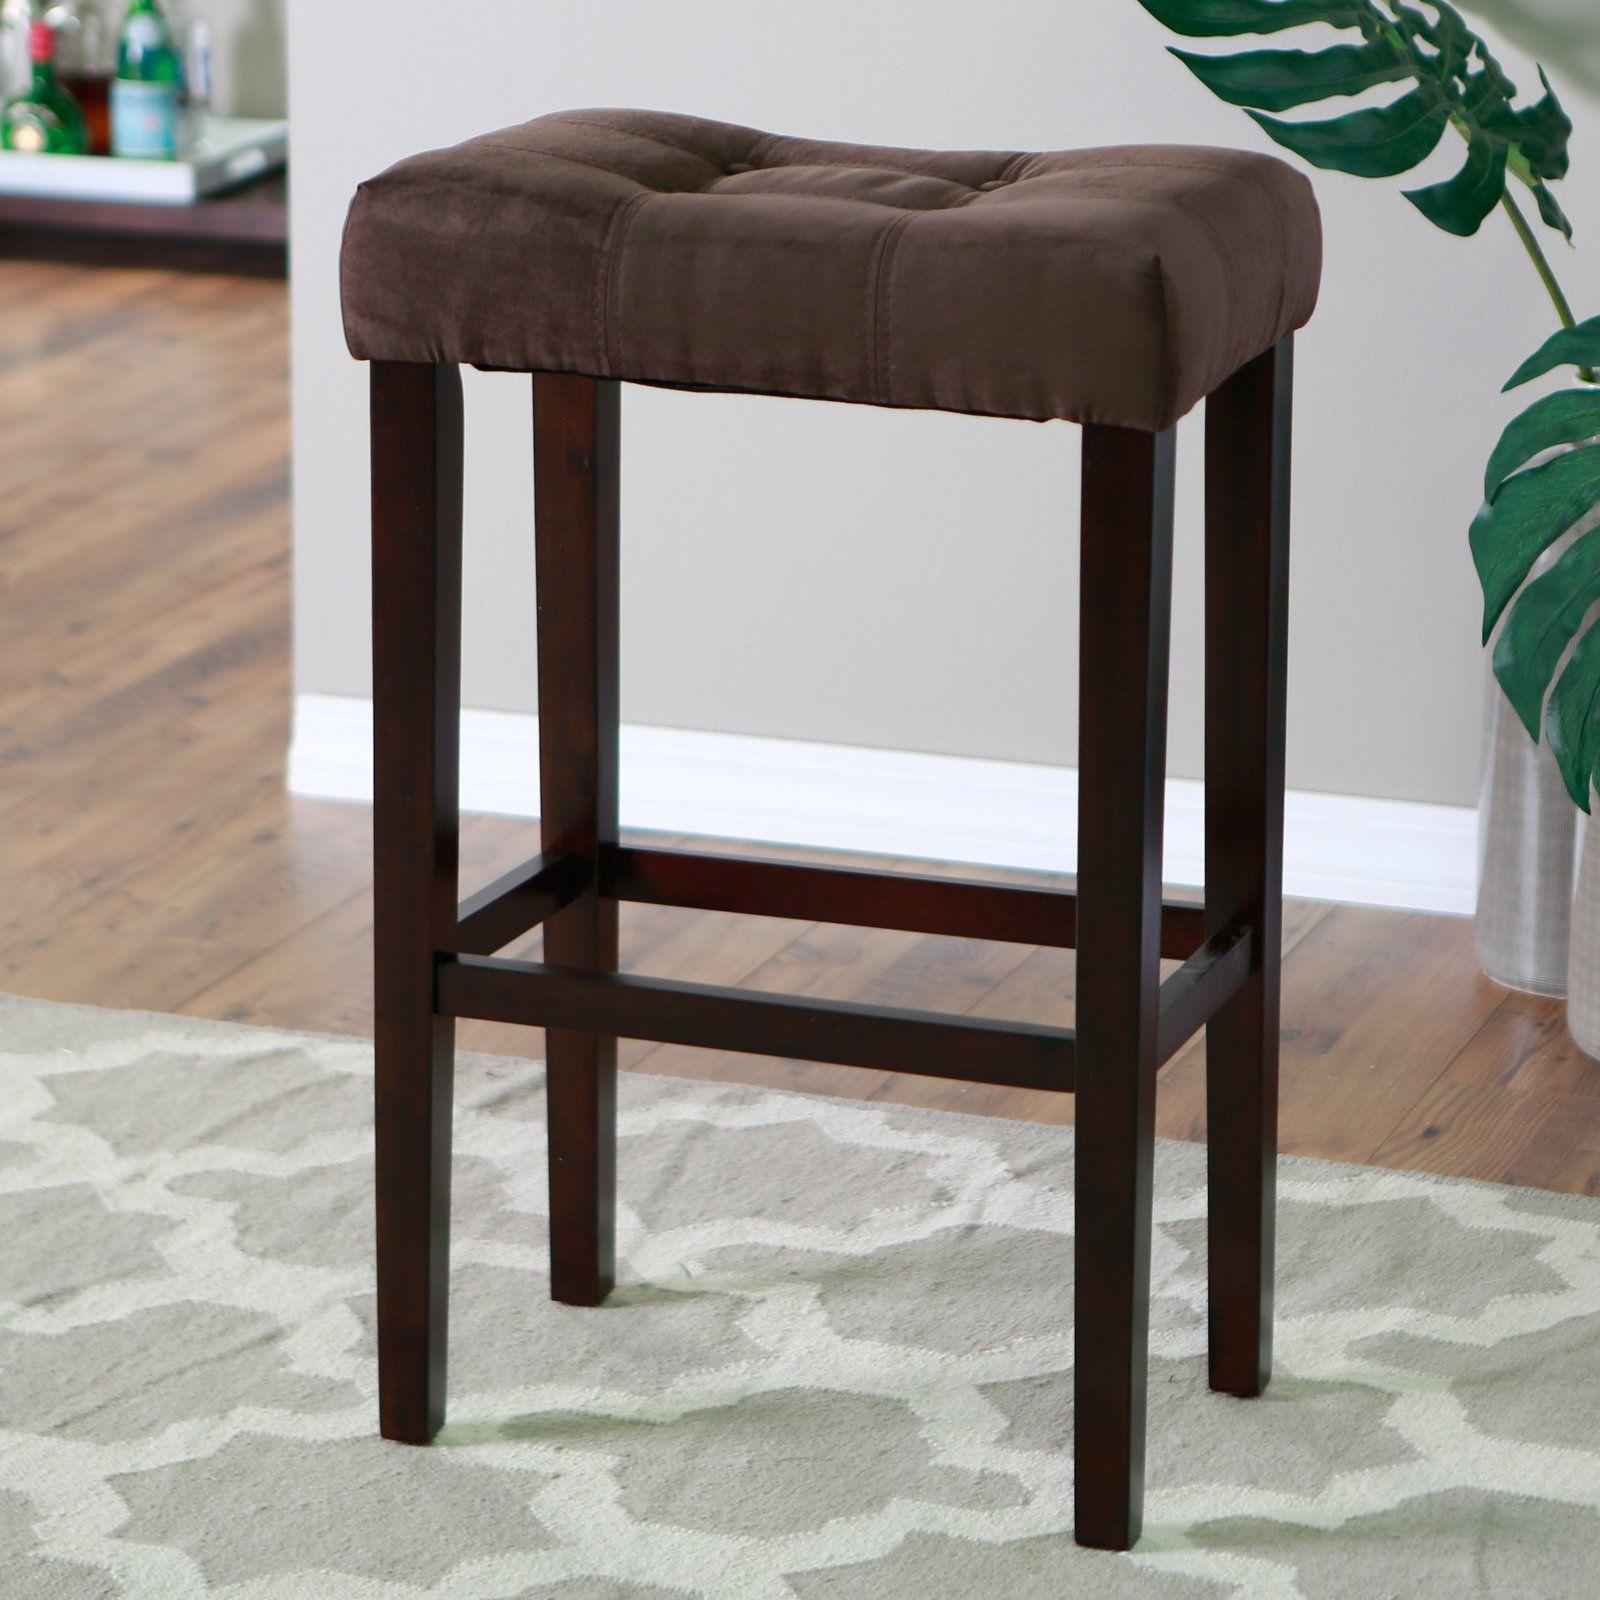 Bar Stools Inch Seat Height Barhocker Mobel Braun Und